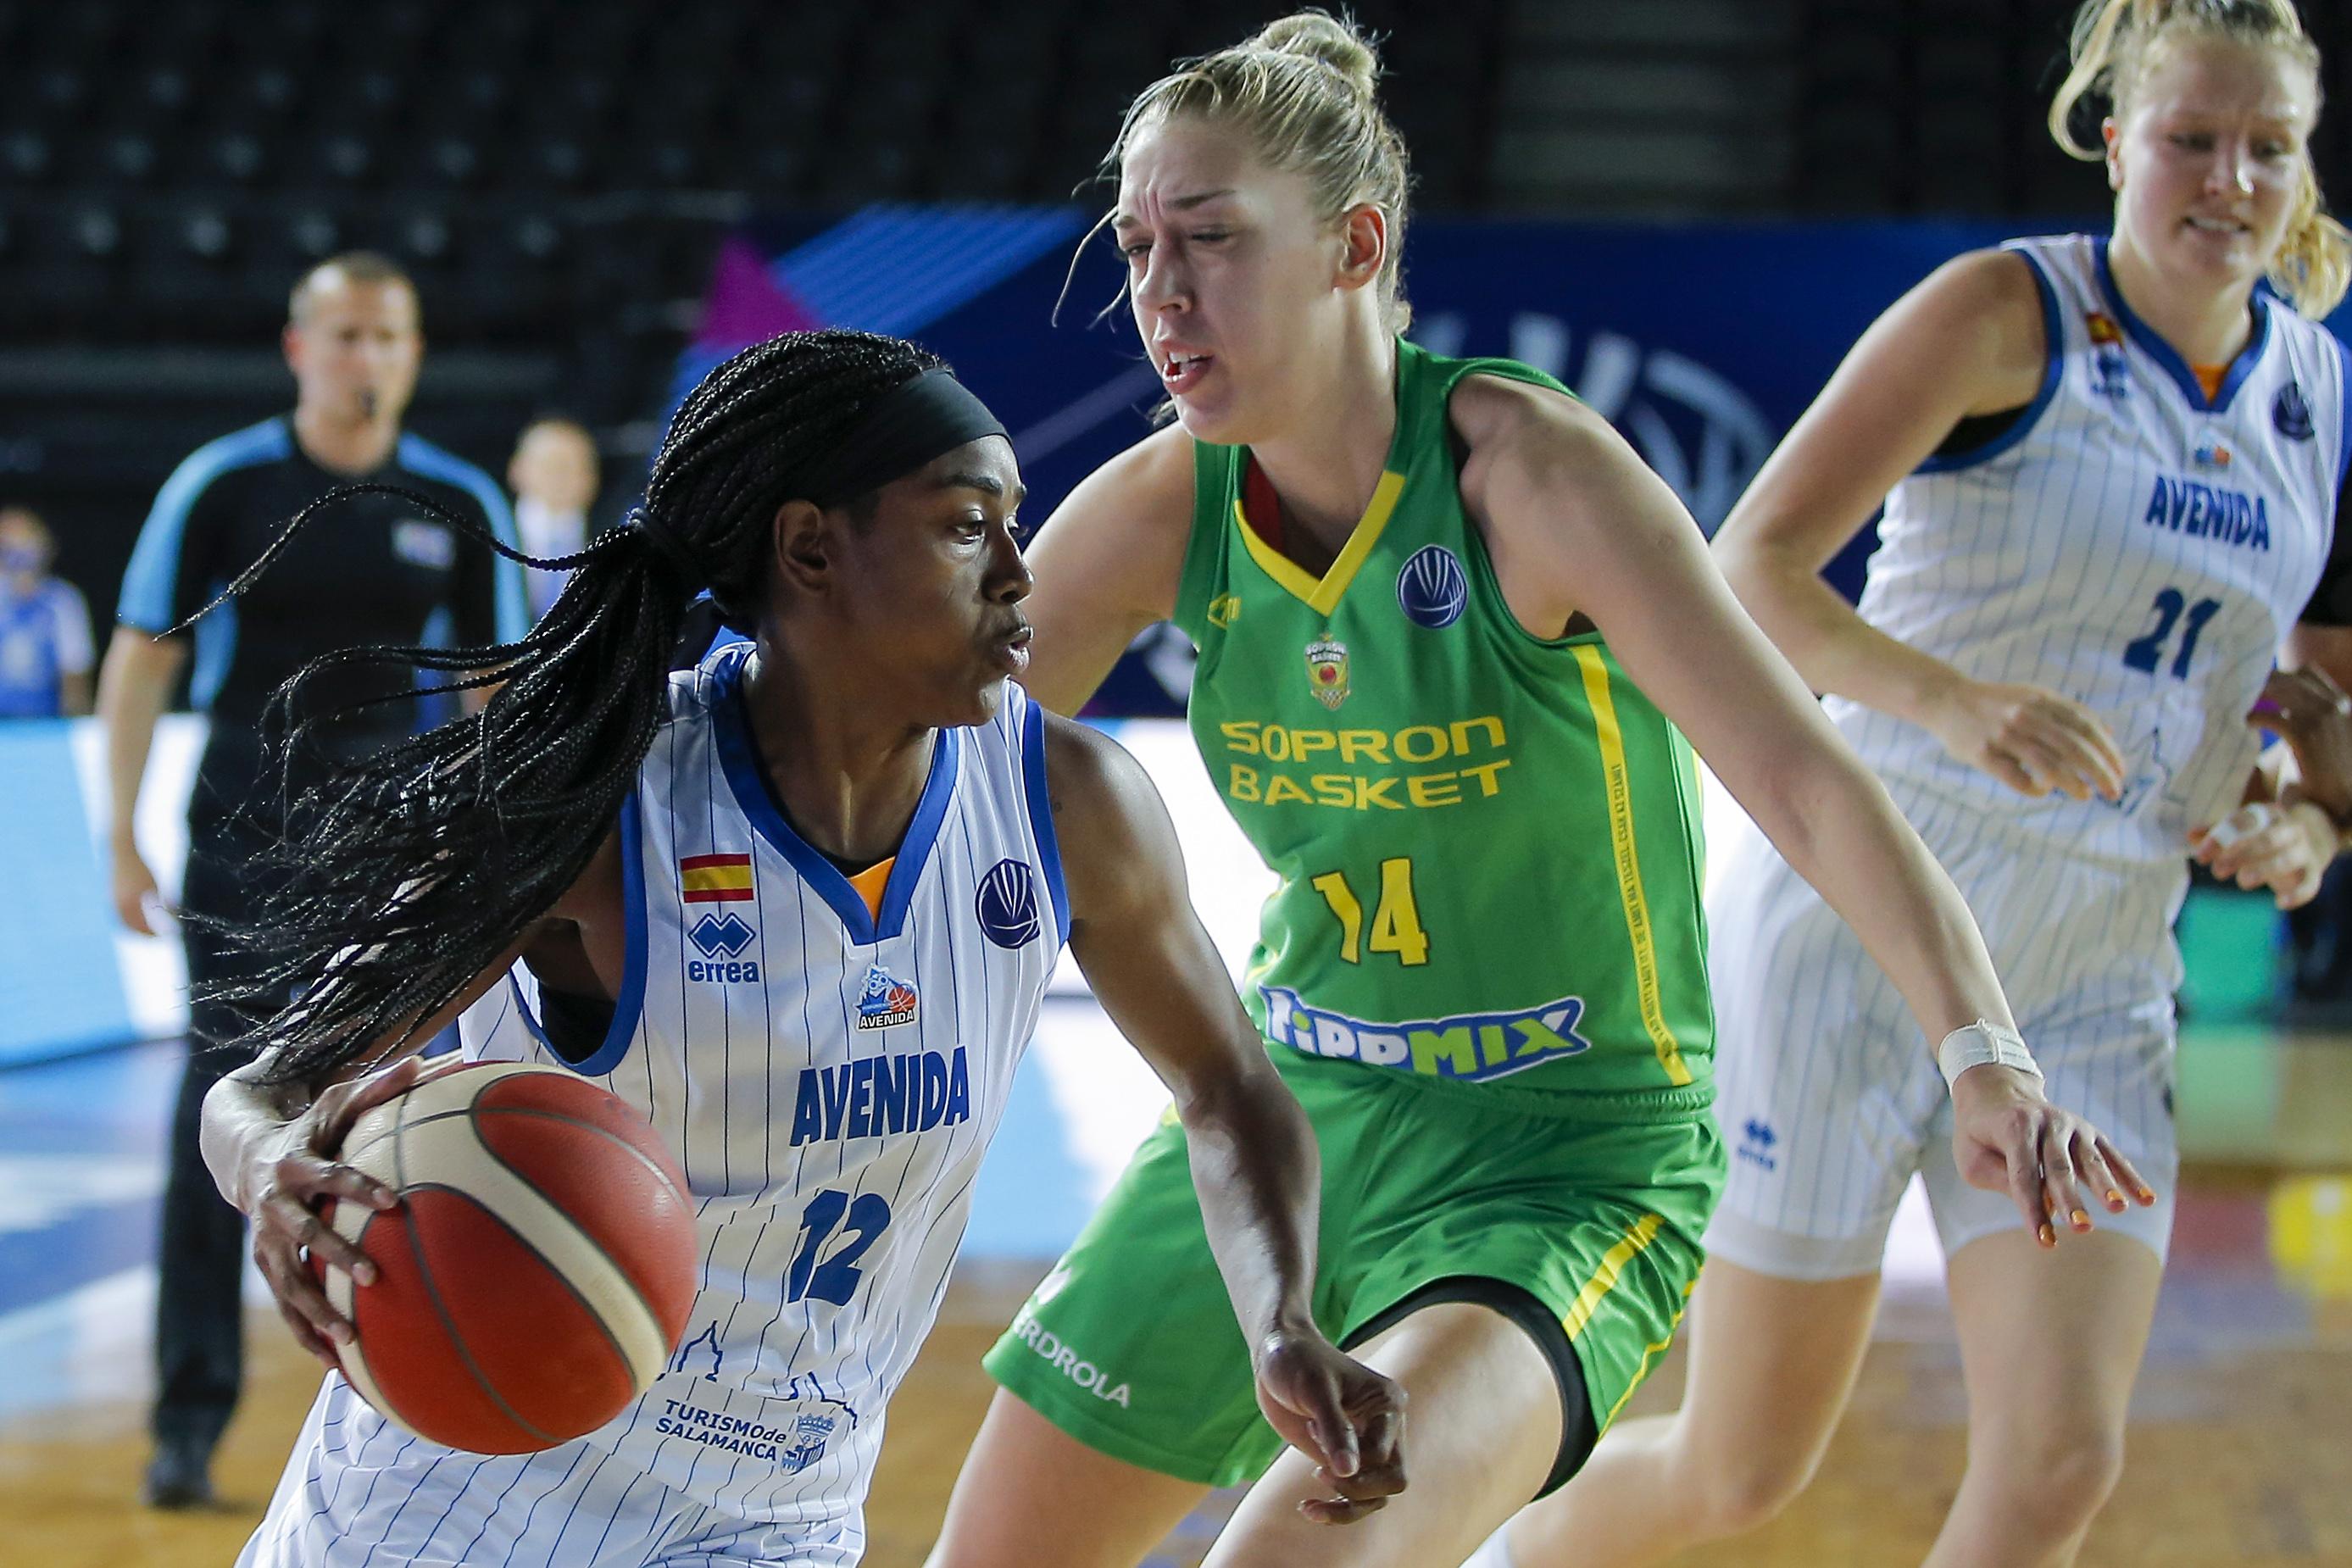 Perfumerias Avenida v Sopron Basket: EuroLeague Women Semi Final